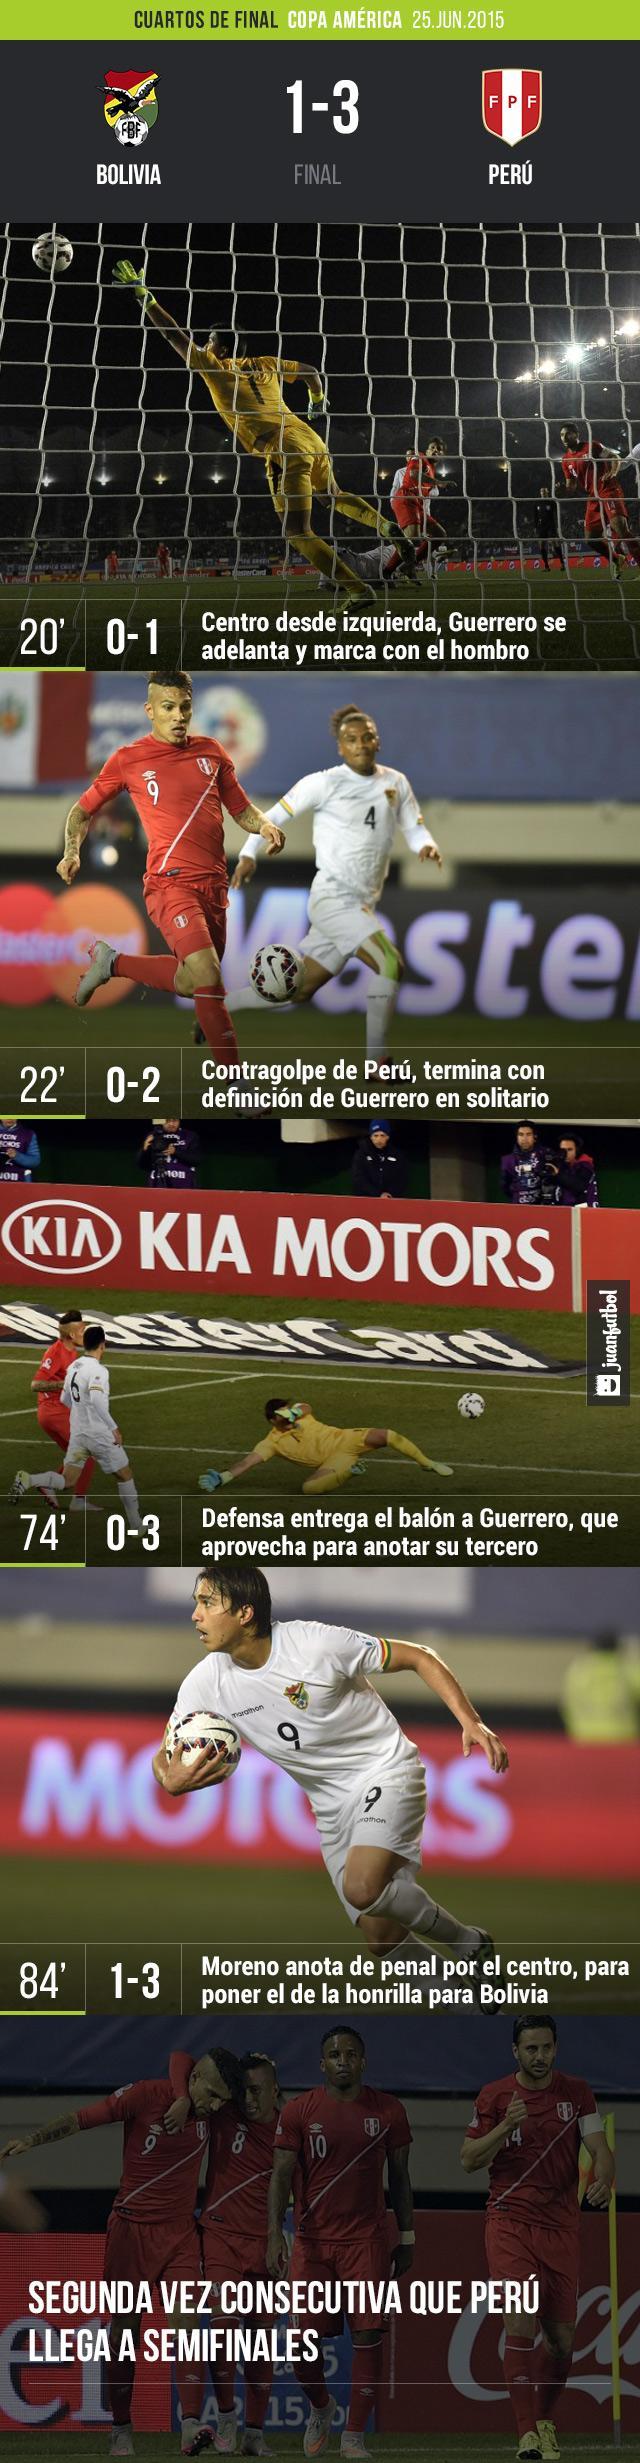 Paolo Guerrero anota tres goles en la victoria 3-1 de Perú sobre Bolivia en la Copa América